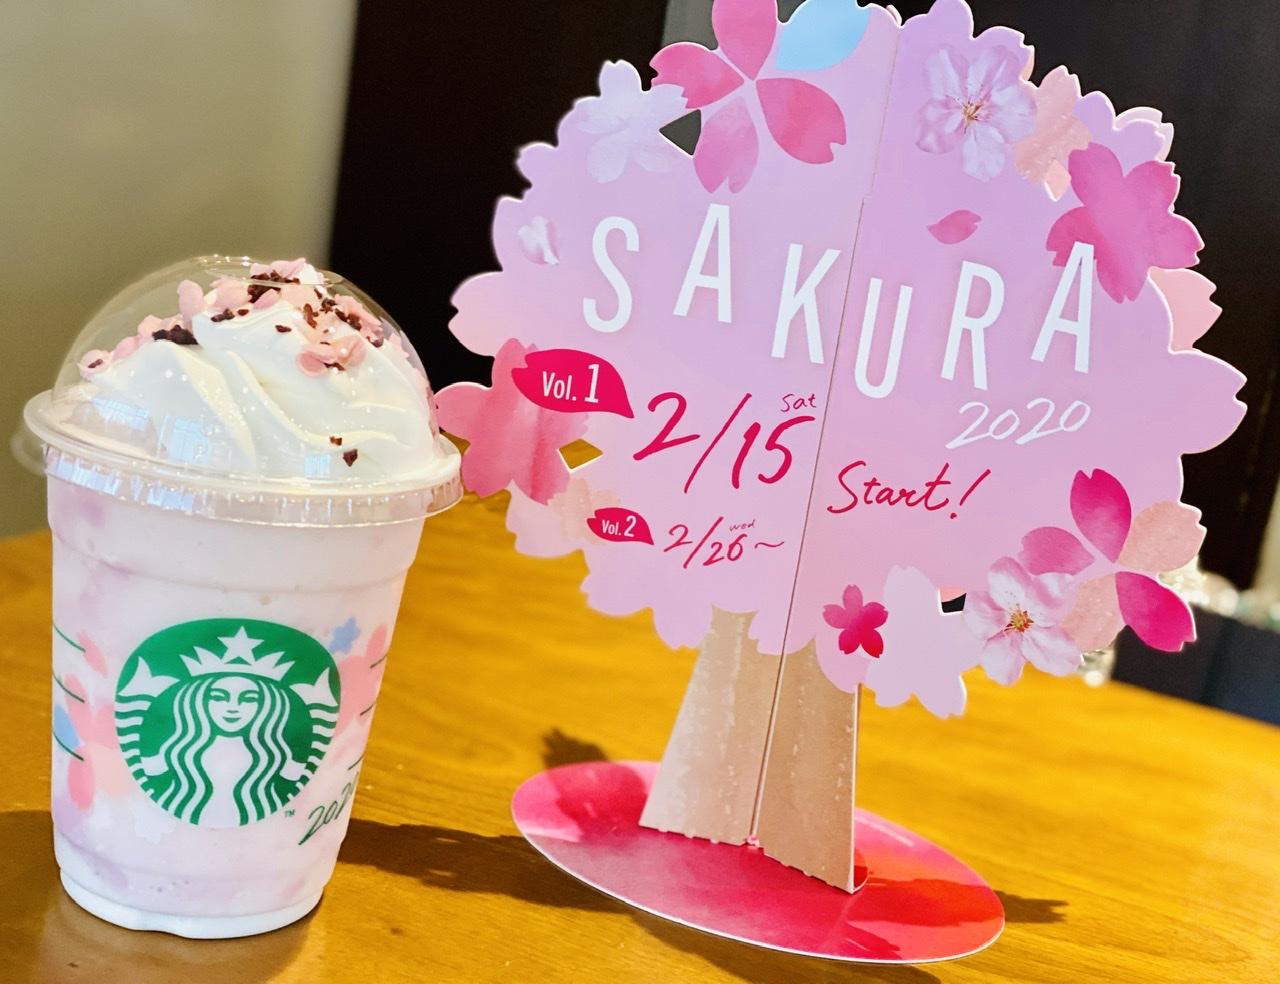 【スタバ新作】待ってた♡SAKURAシリーズ第1弾《さくらミルクプリンフラペチーノ》は絶対飲んで!_3